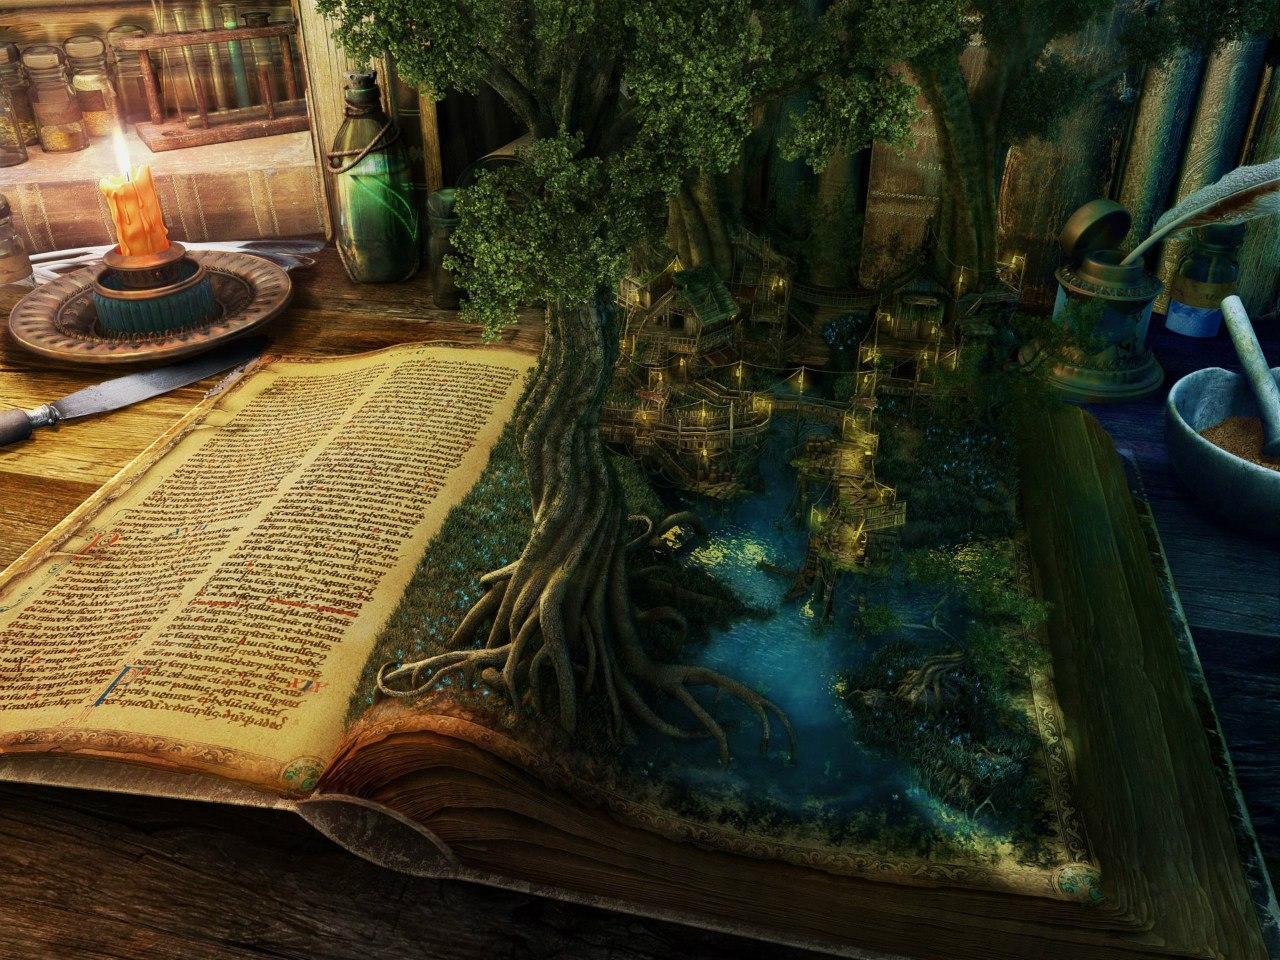 La magia en un libro - Página 3 VUrsfdDo1J8